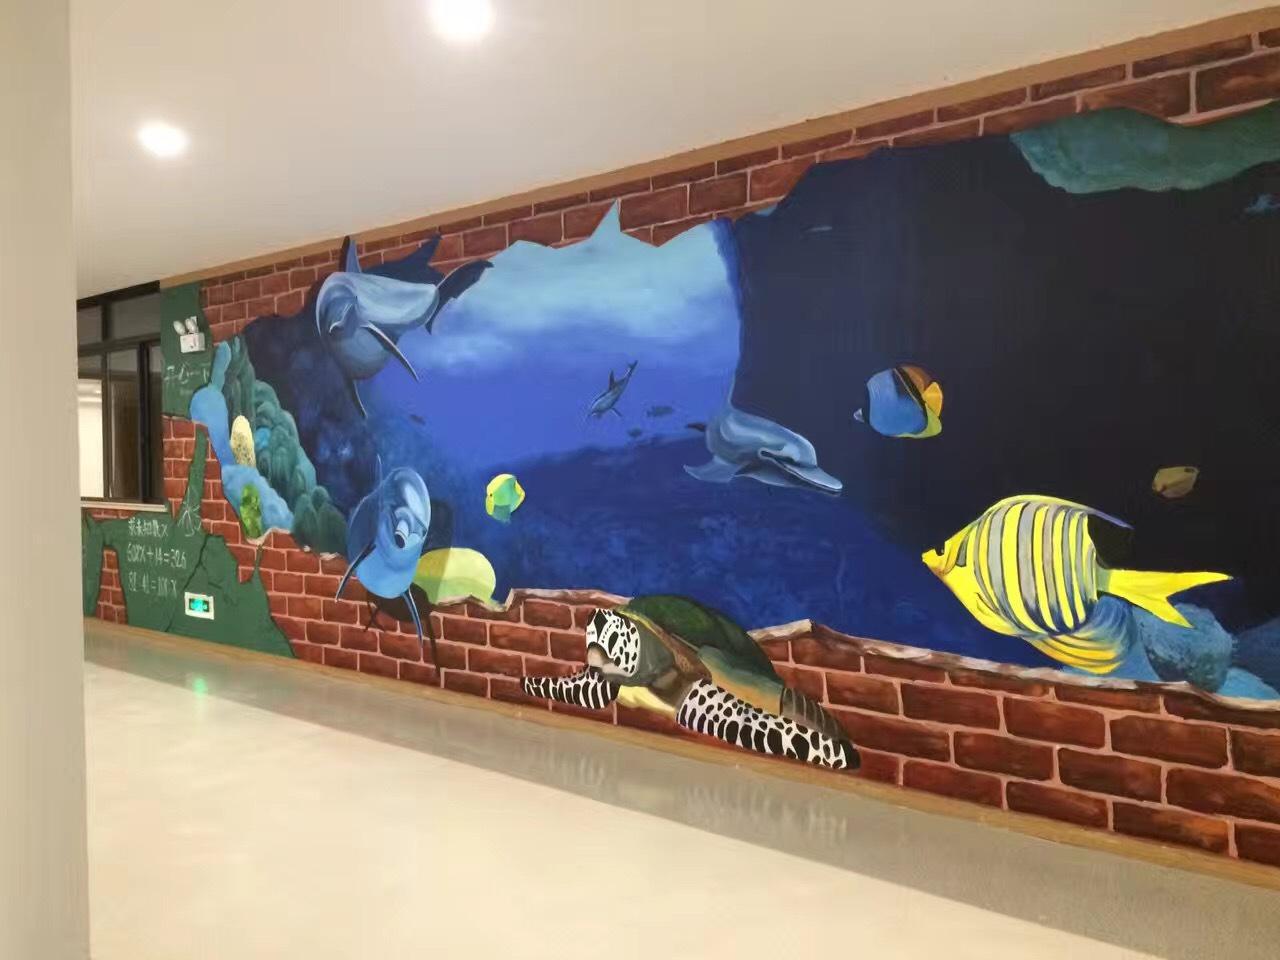 南昌手绘墙体,南昌墙绘3d,南昌墙绘壁画,南昌幼儿园墙绘画